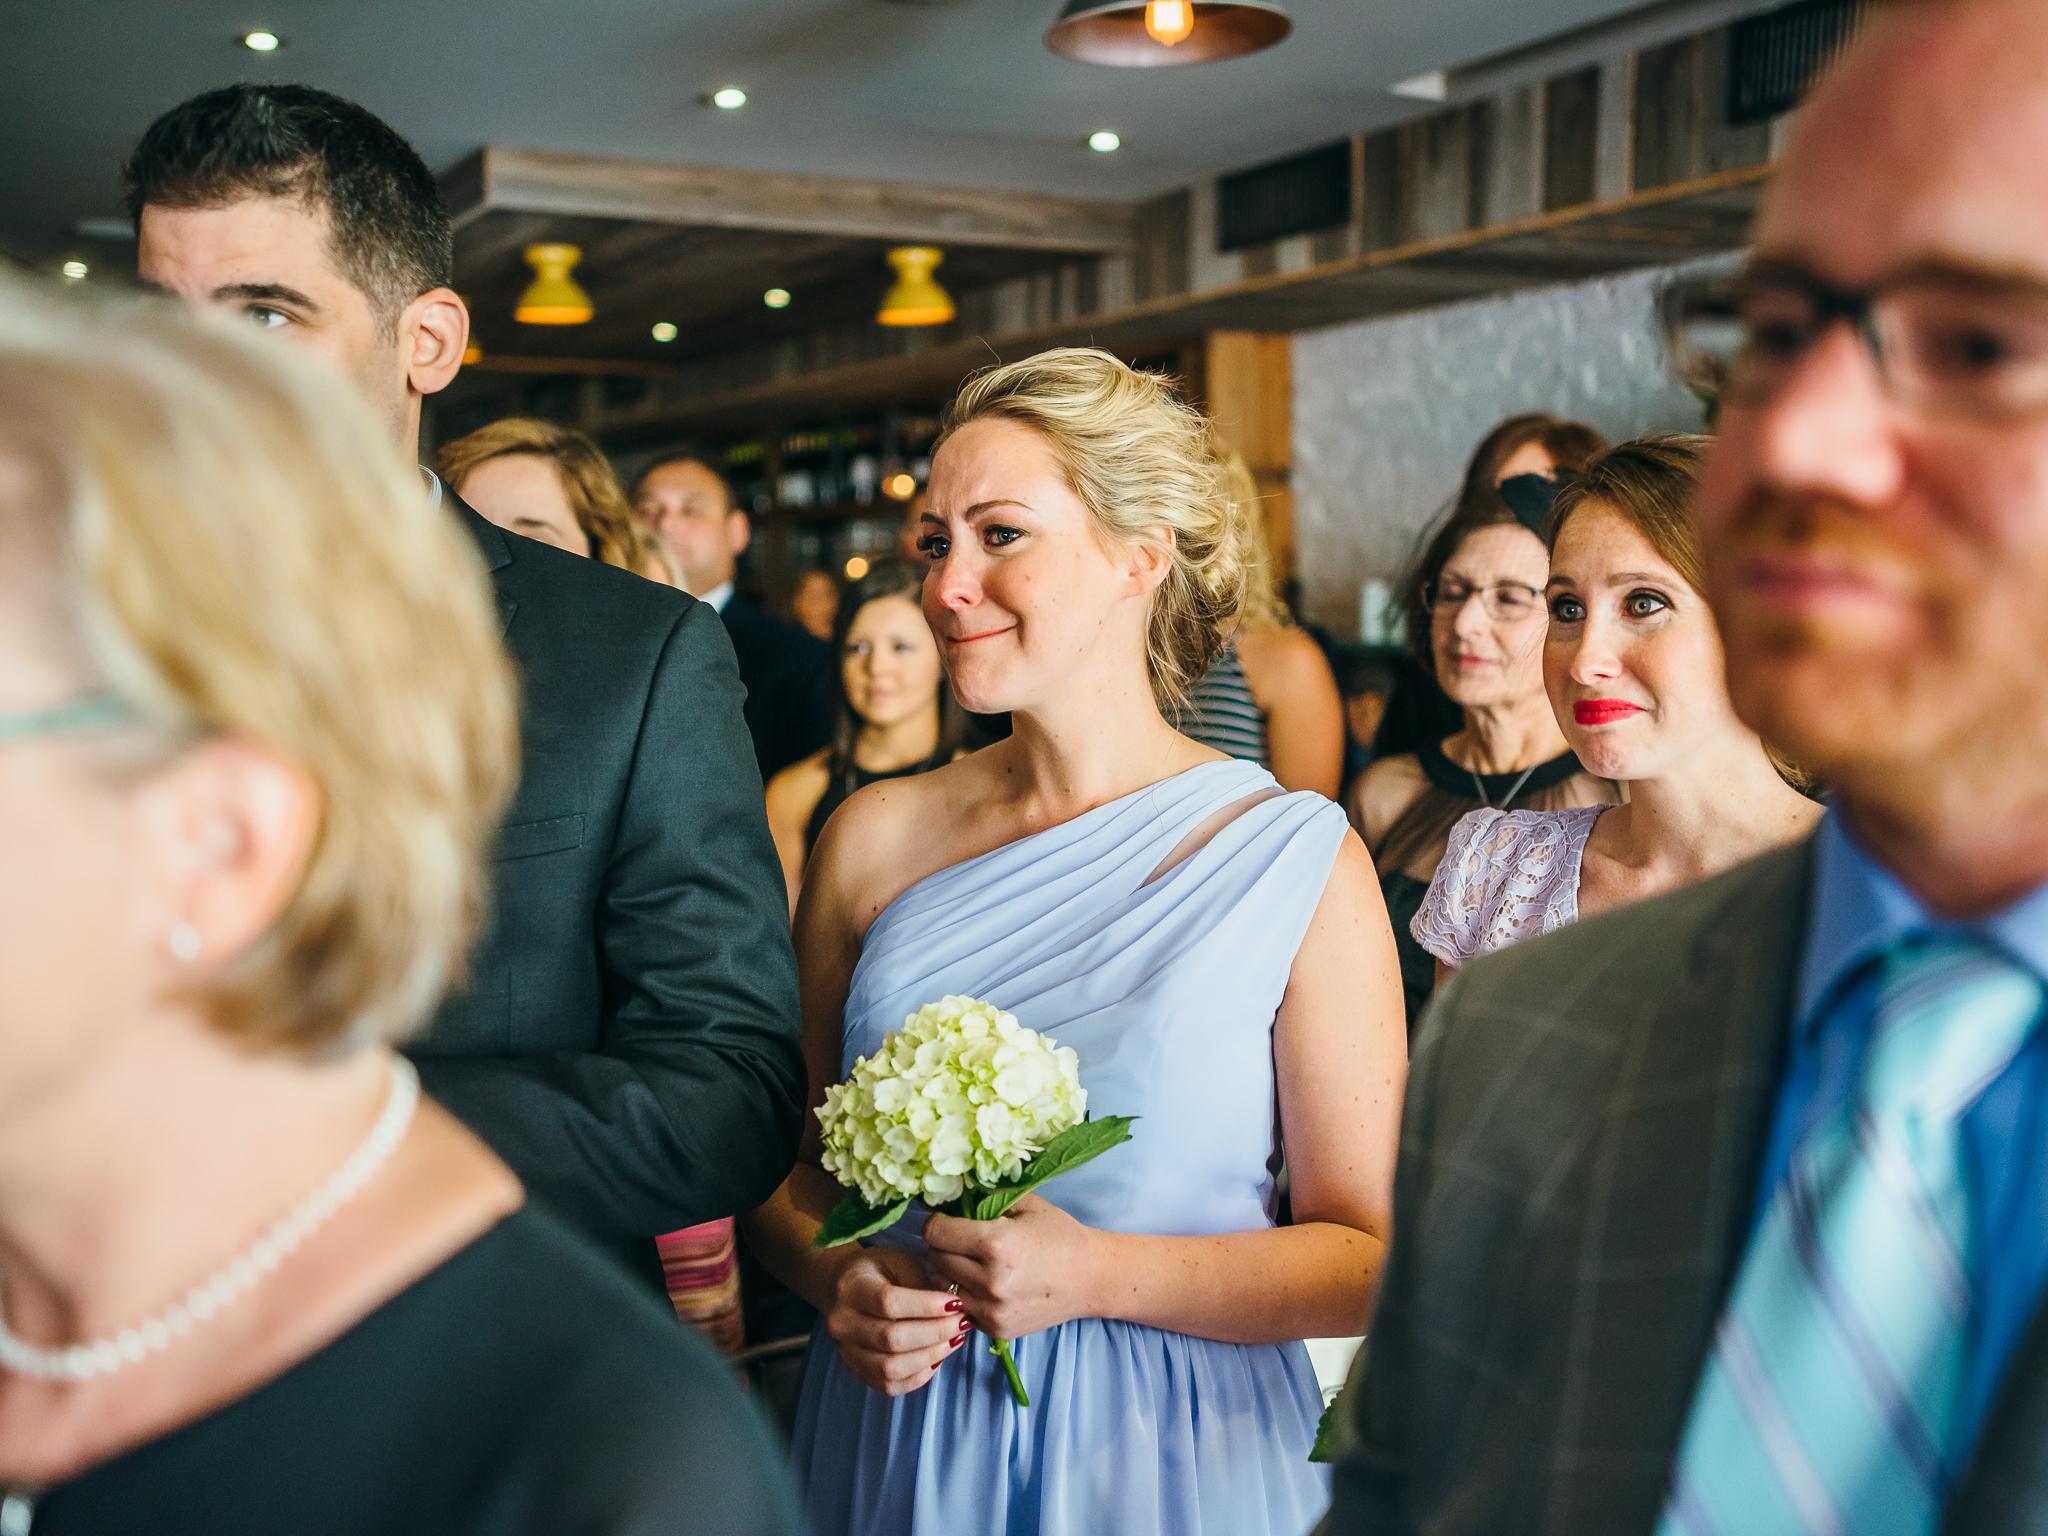 Barbuzzo_wedding_nw-0027.jpg